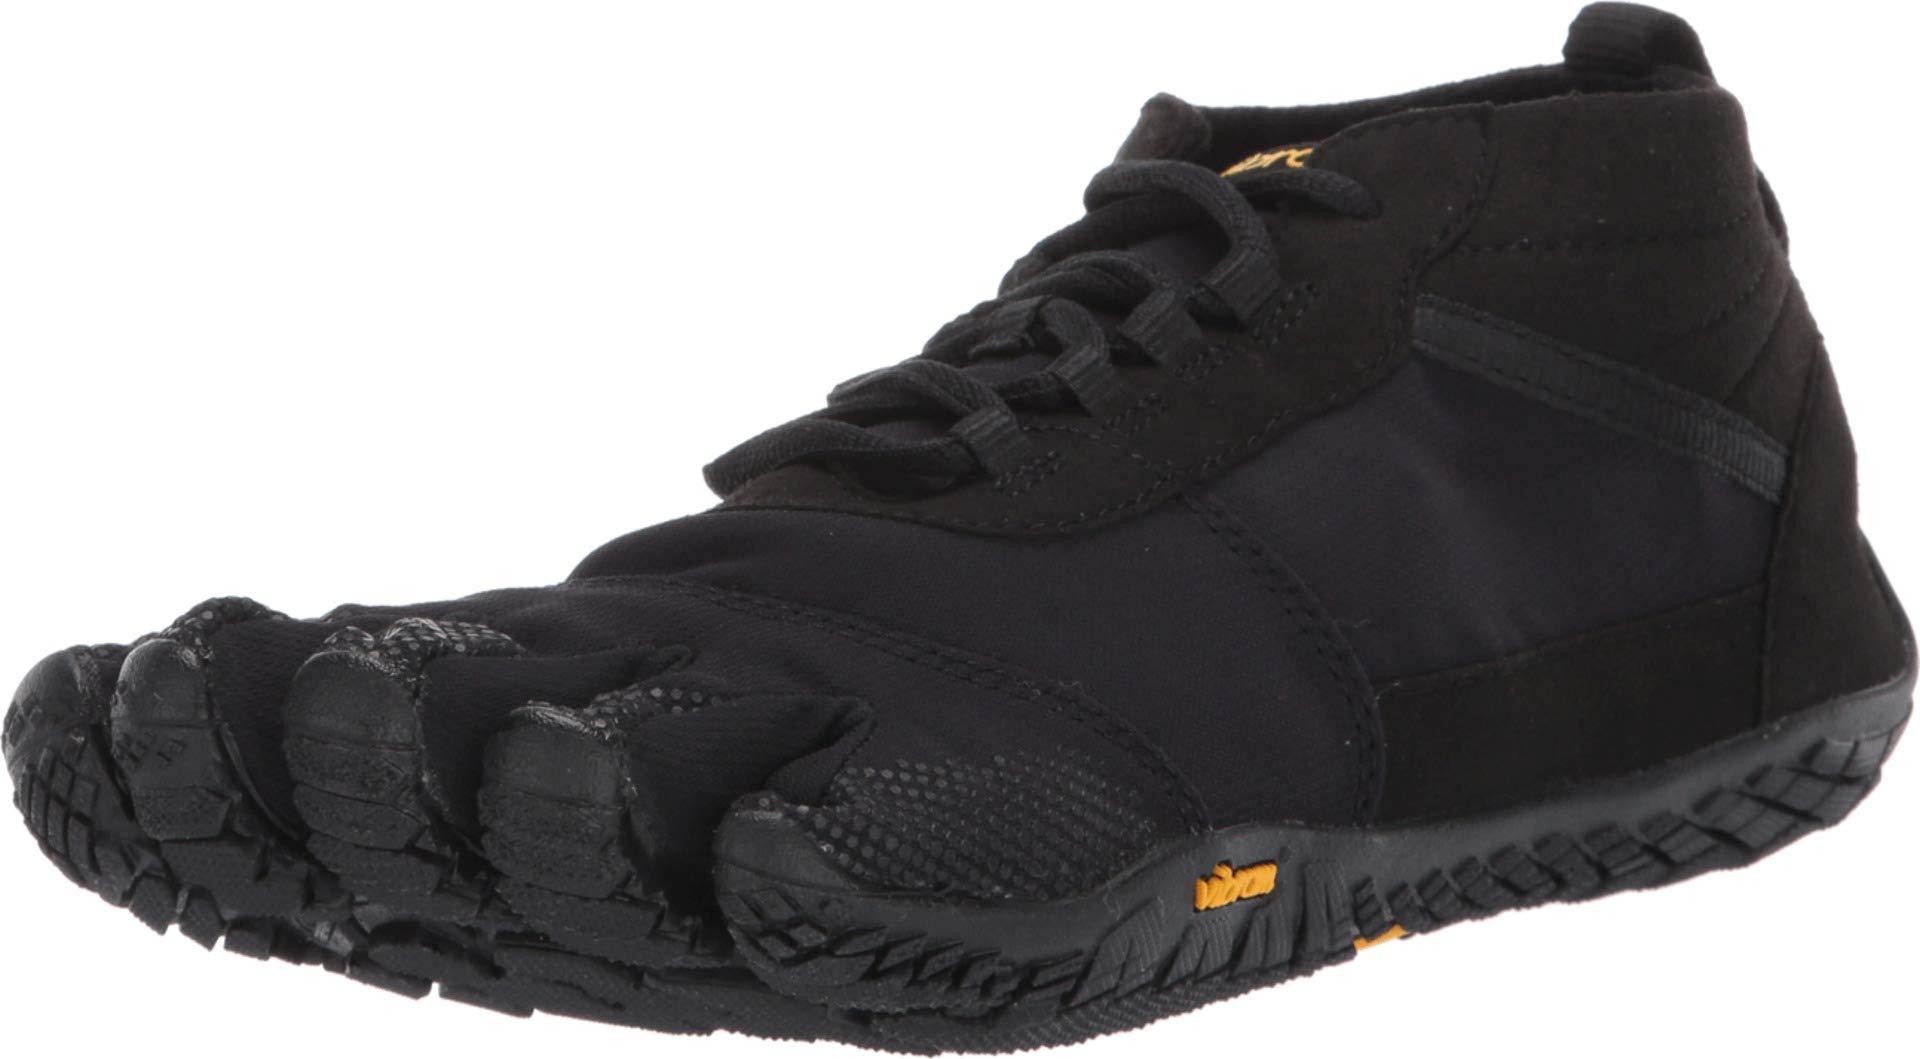 Vibram Five Fingers Women's V-Trek Trail Hiking Shoe (37 EU/7-7.5, Black/Black) by Vibram